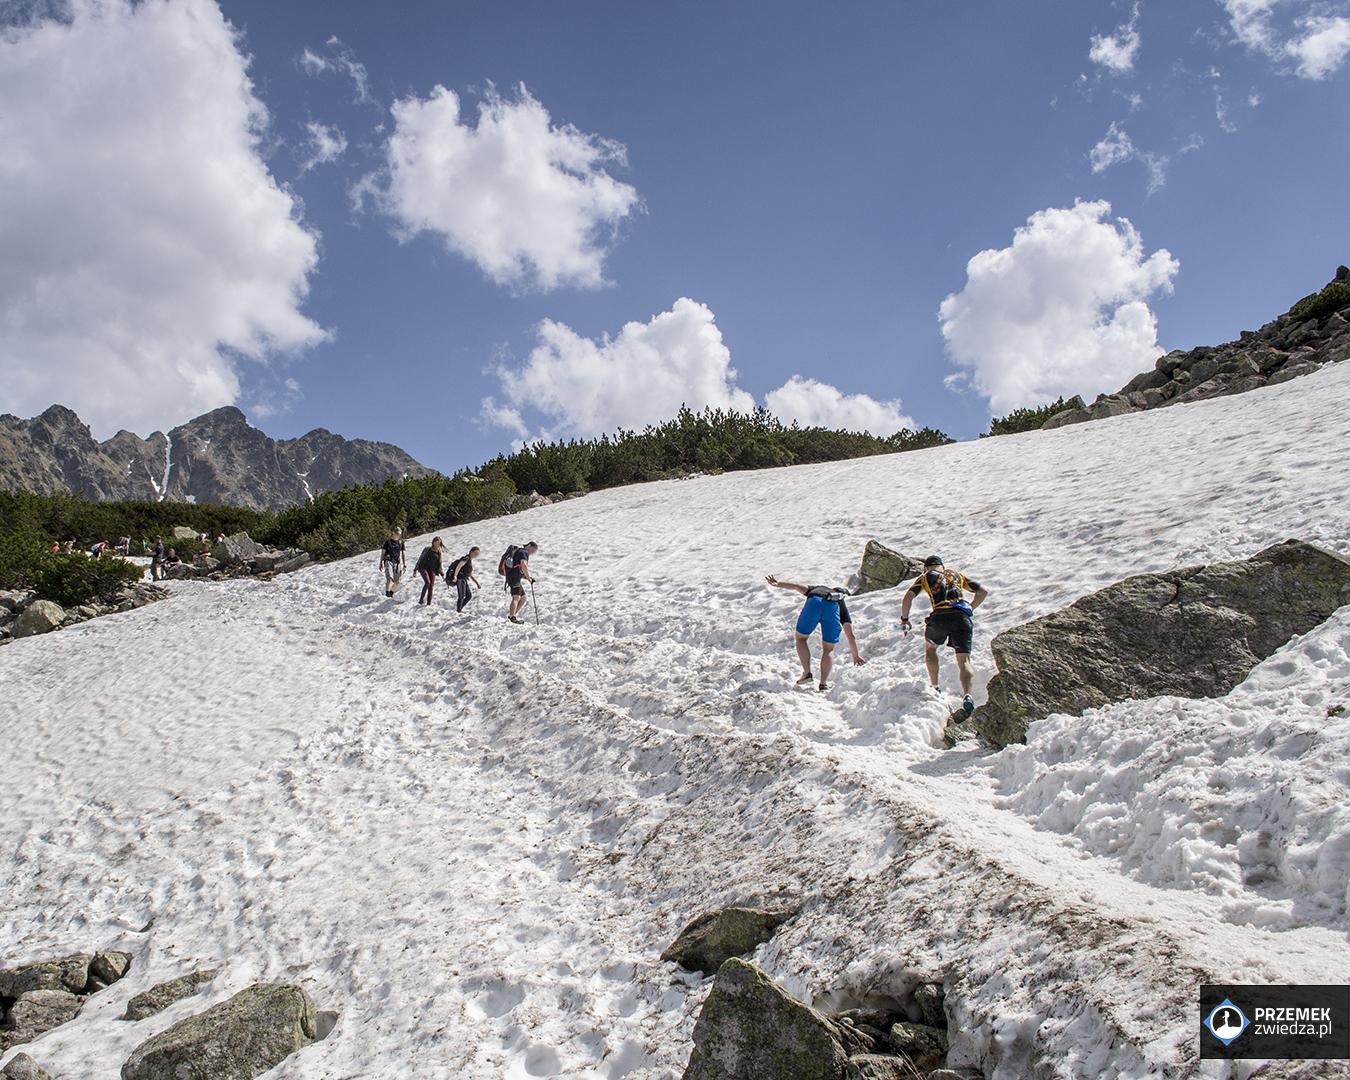 śnieg hala gąsienicowa turyści